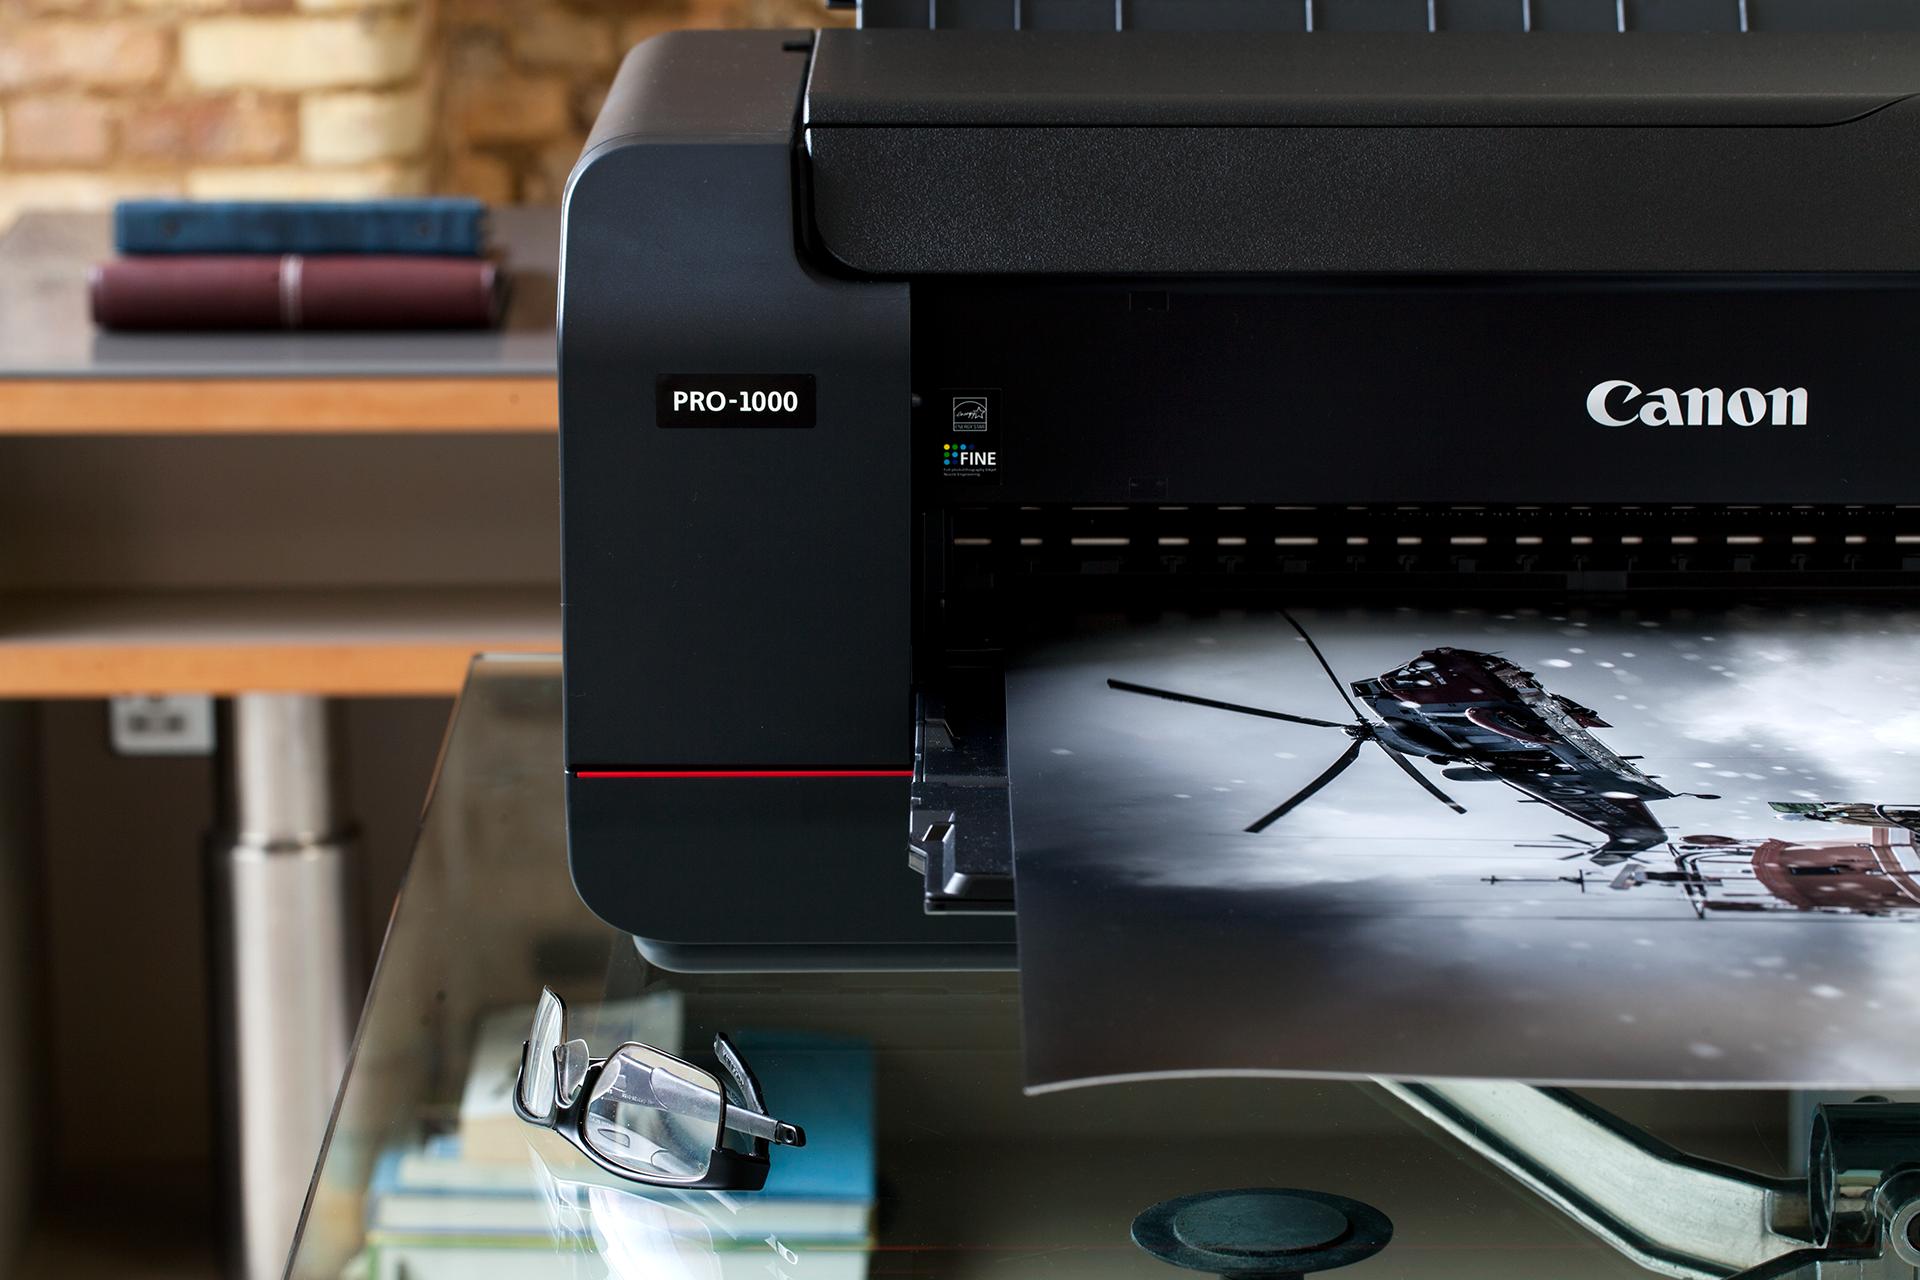 Принтеры с широкой душой. Краткий гид по устройствам для широкоформатной печати Canon - 5